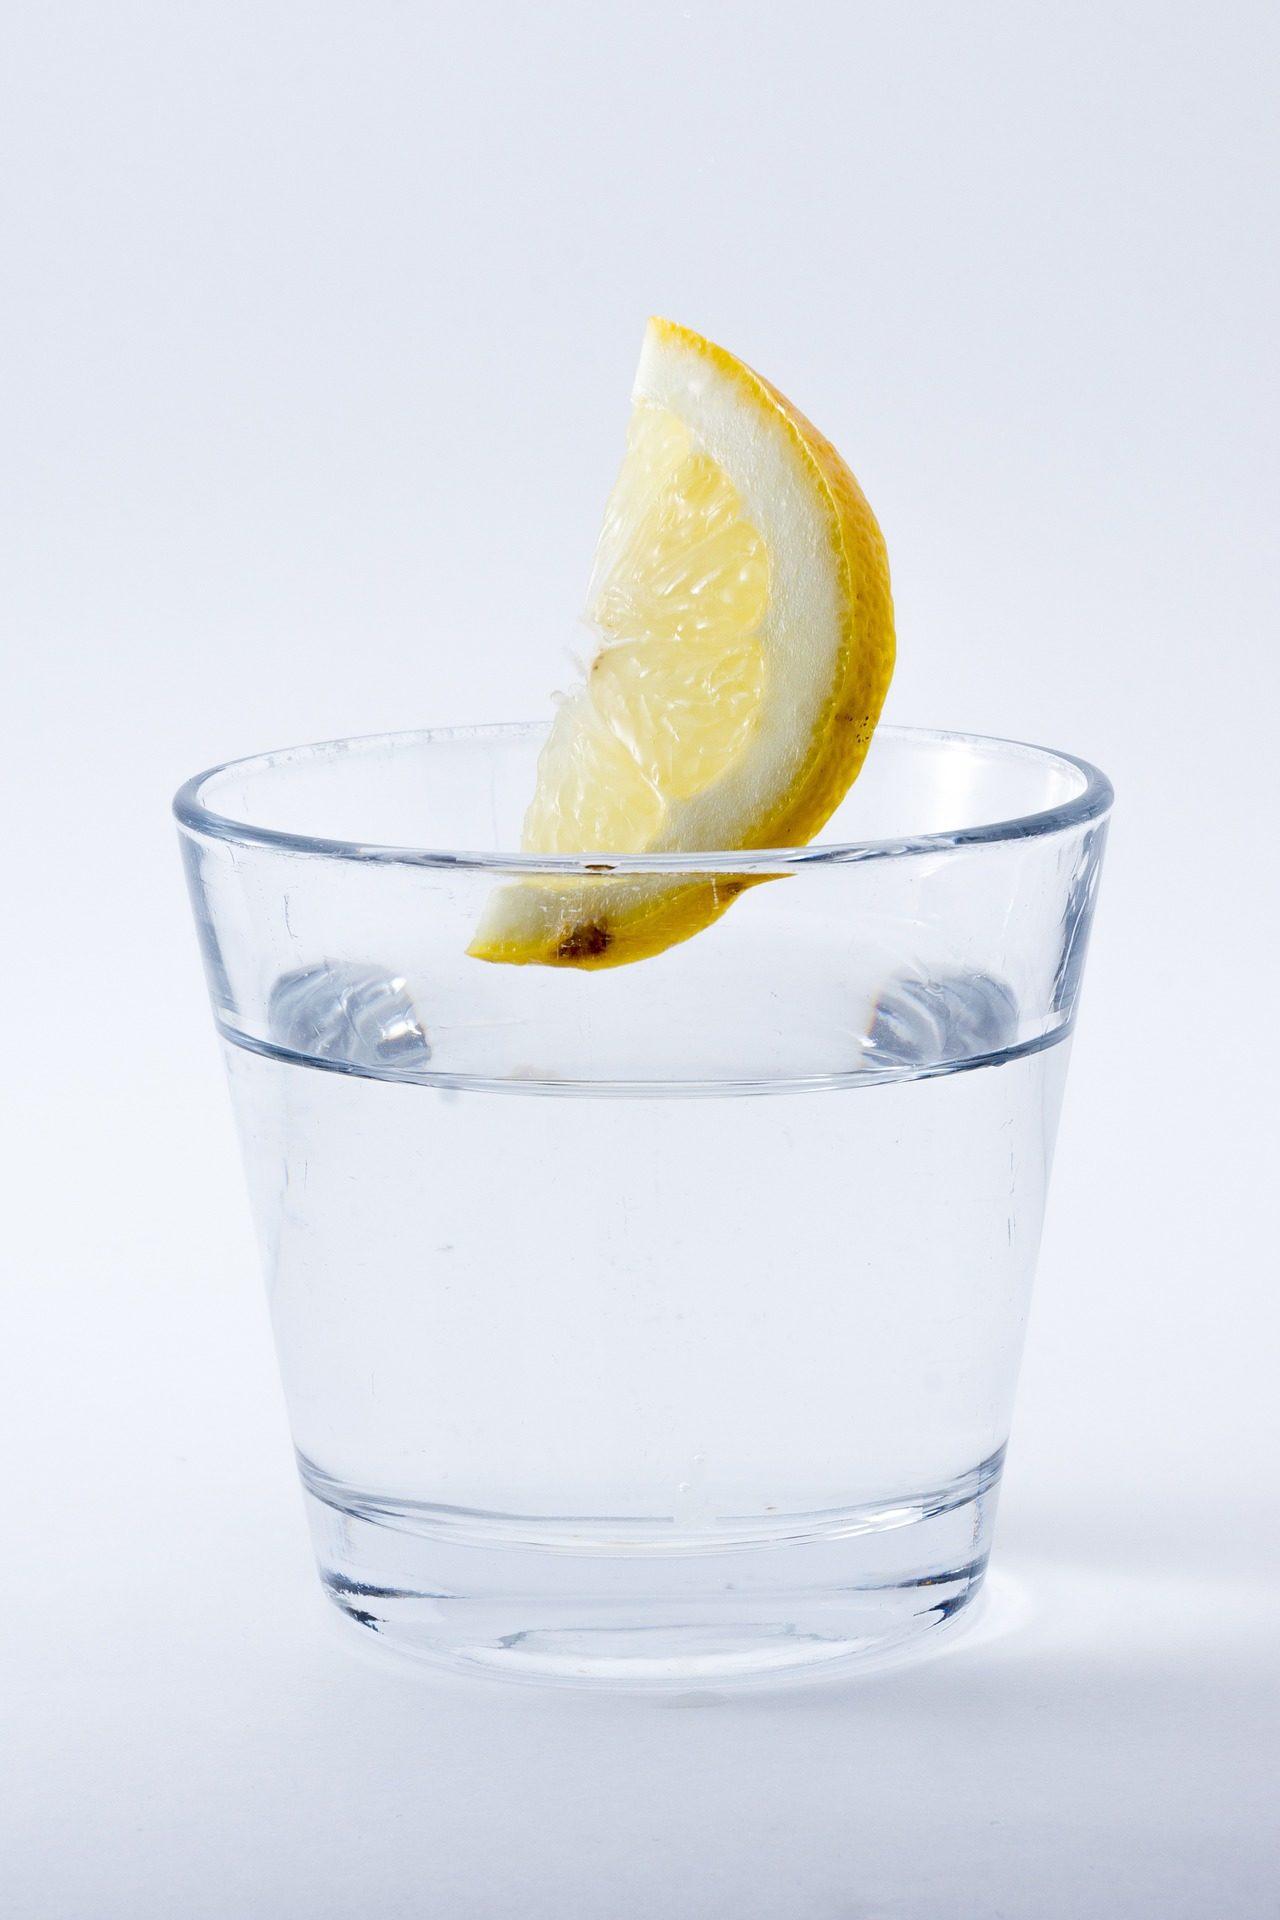 água, limão, bebida, vidro, refrigerante - Papéis de parede HD - Professor-falken.com